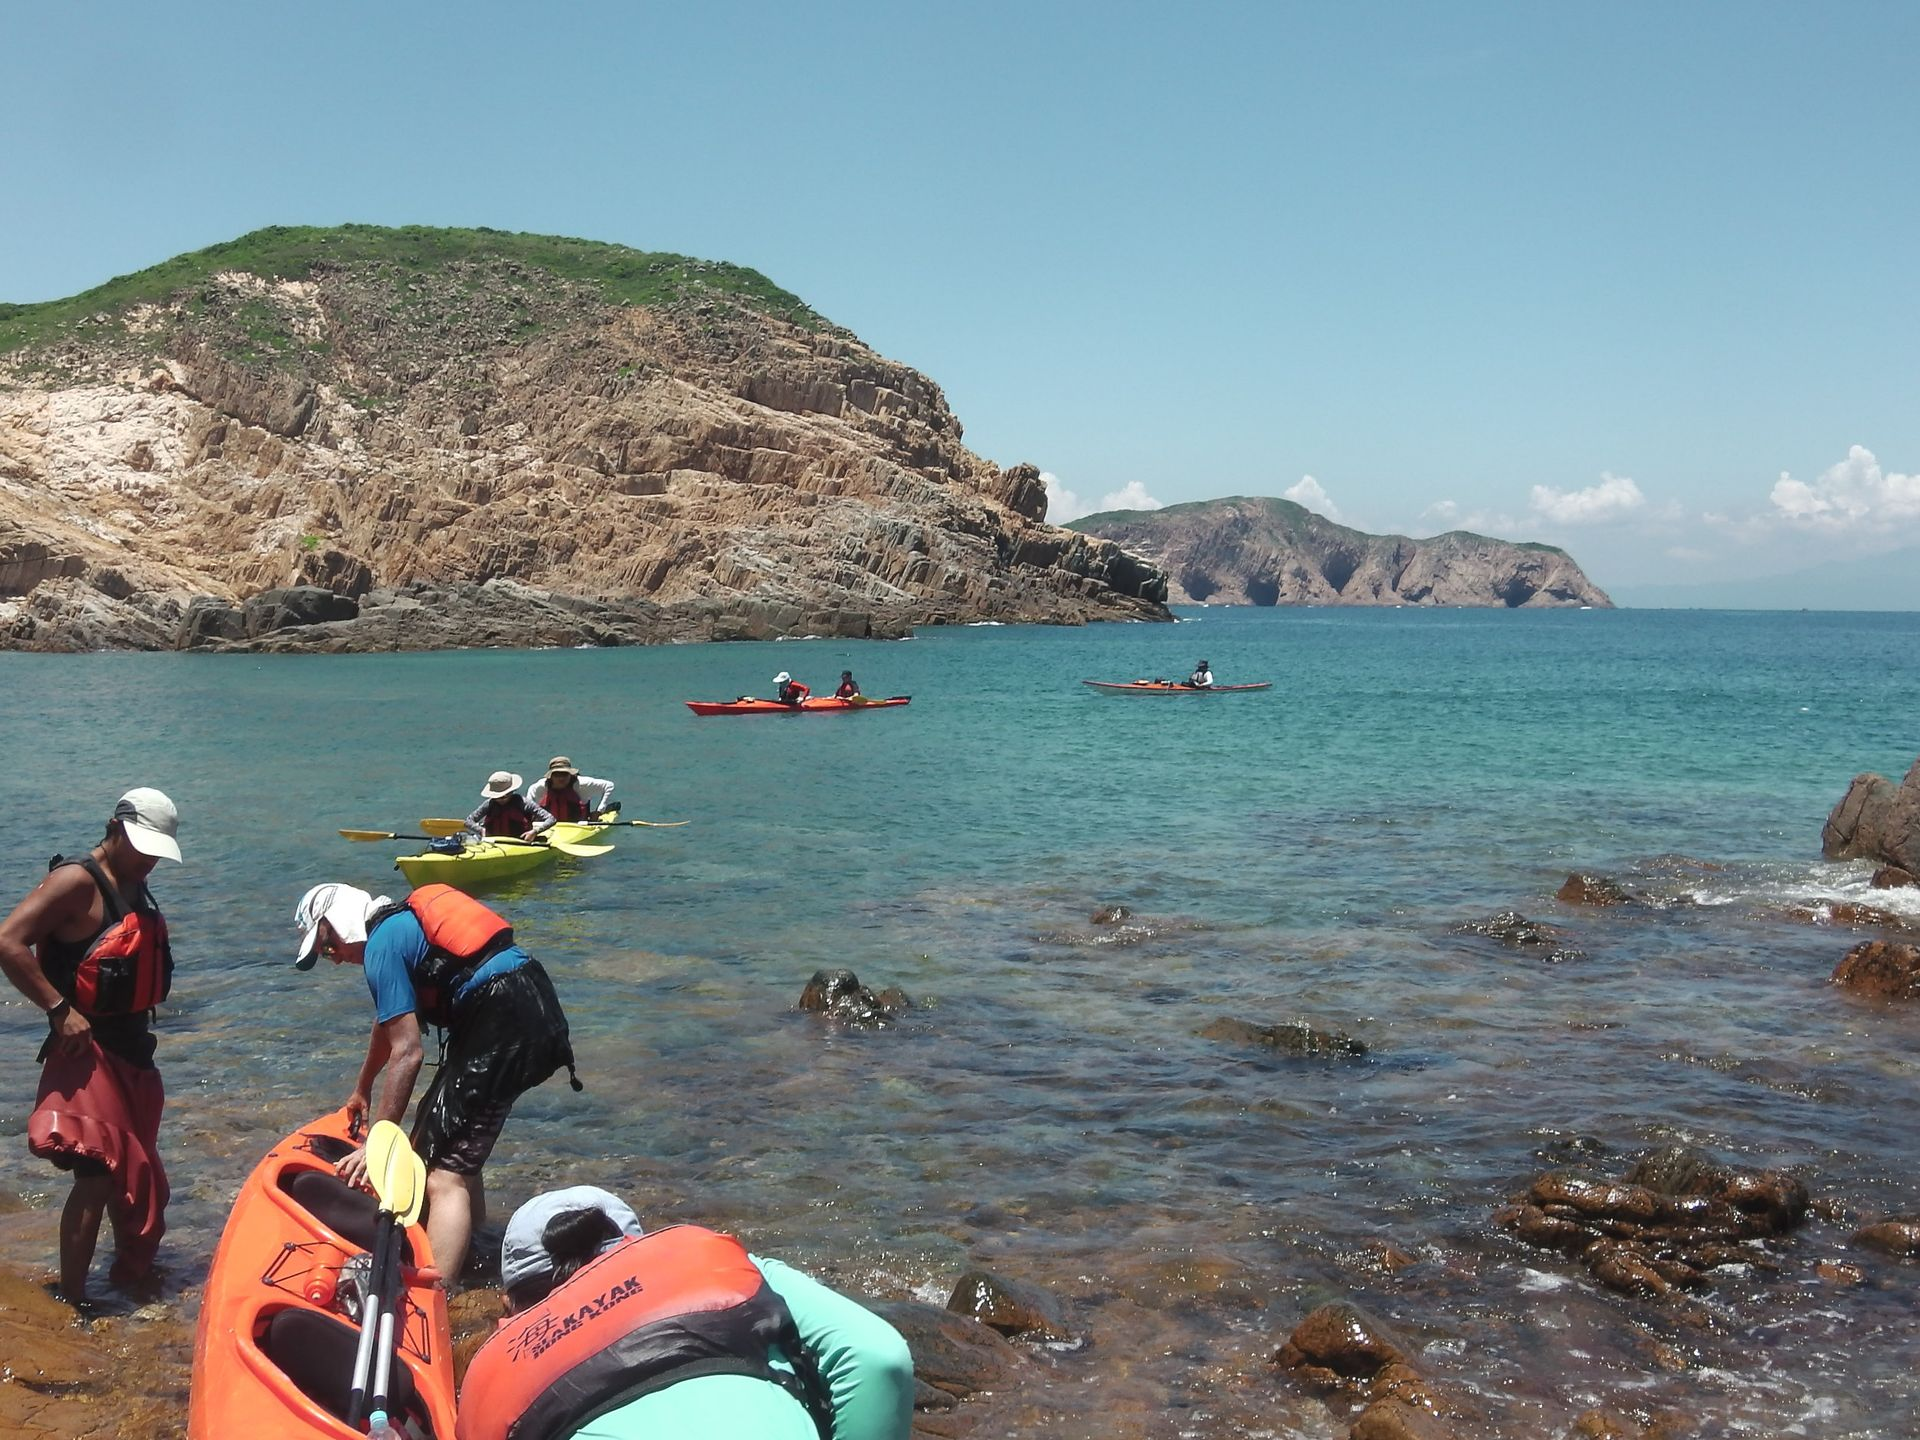 Sea Kayak Hong Kong 2018 Jul 28 UNESCO Geopark_66